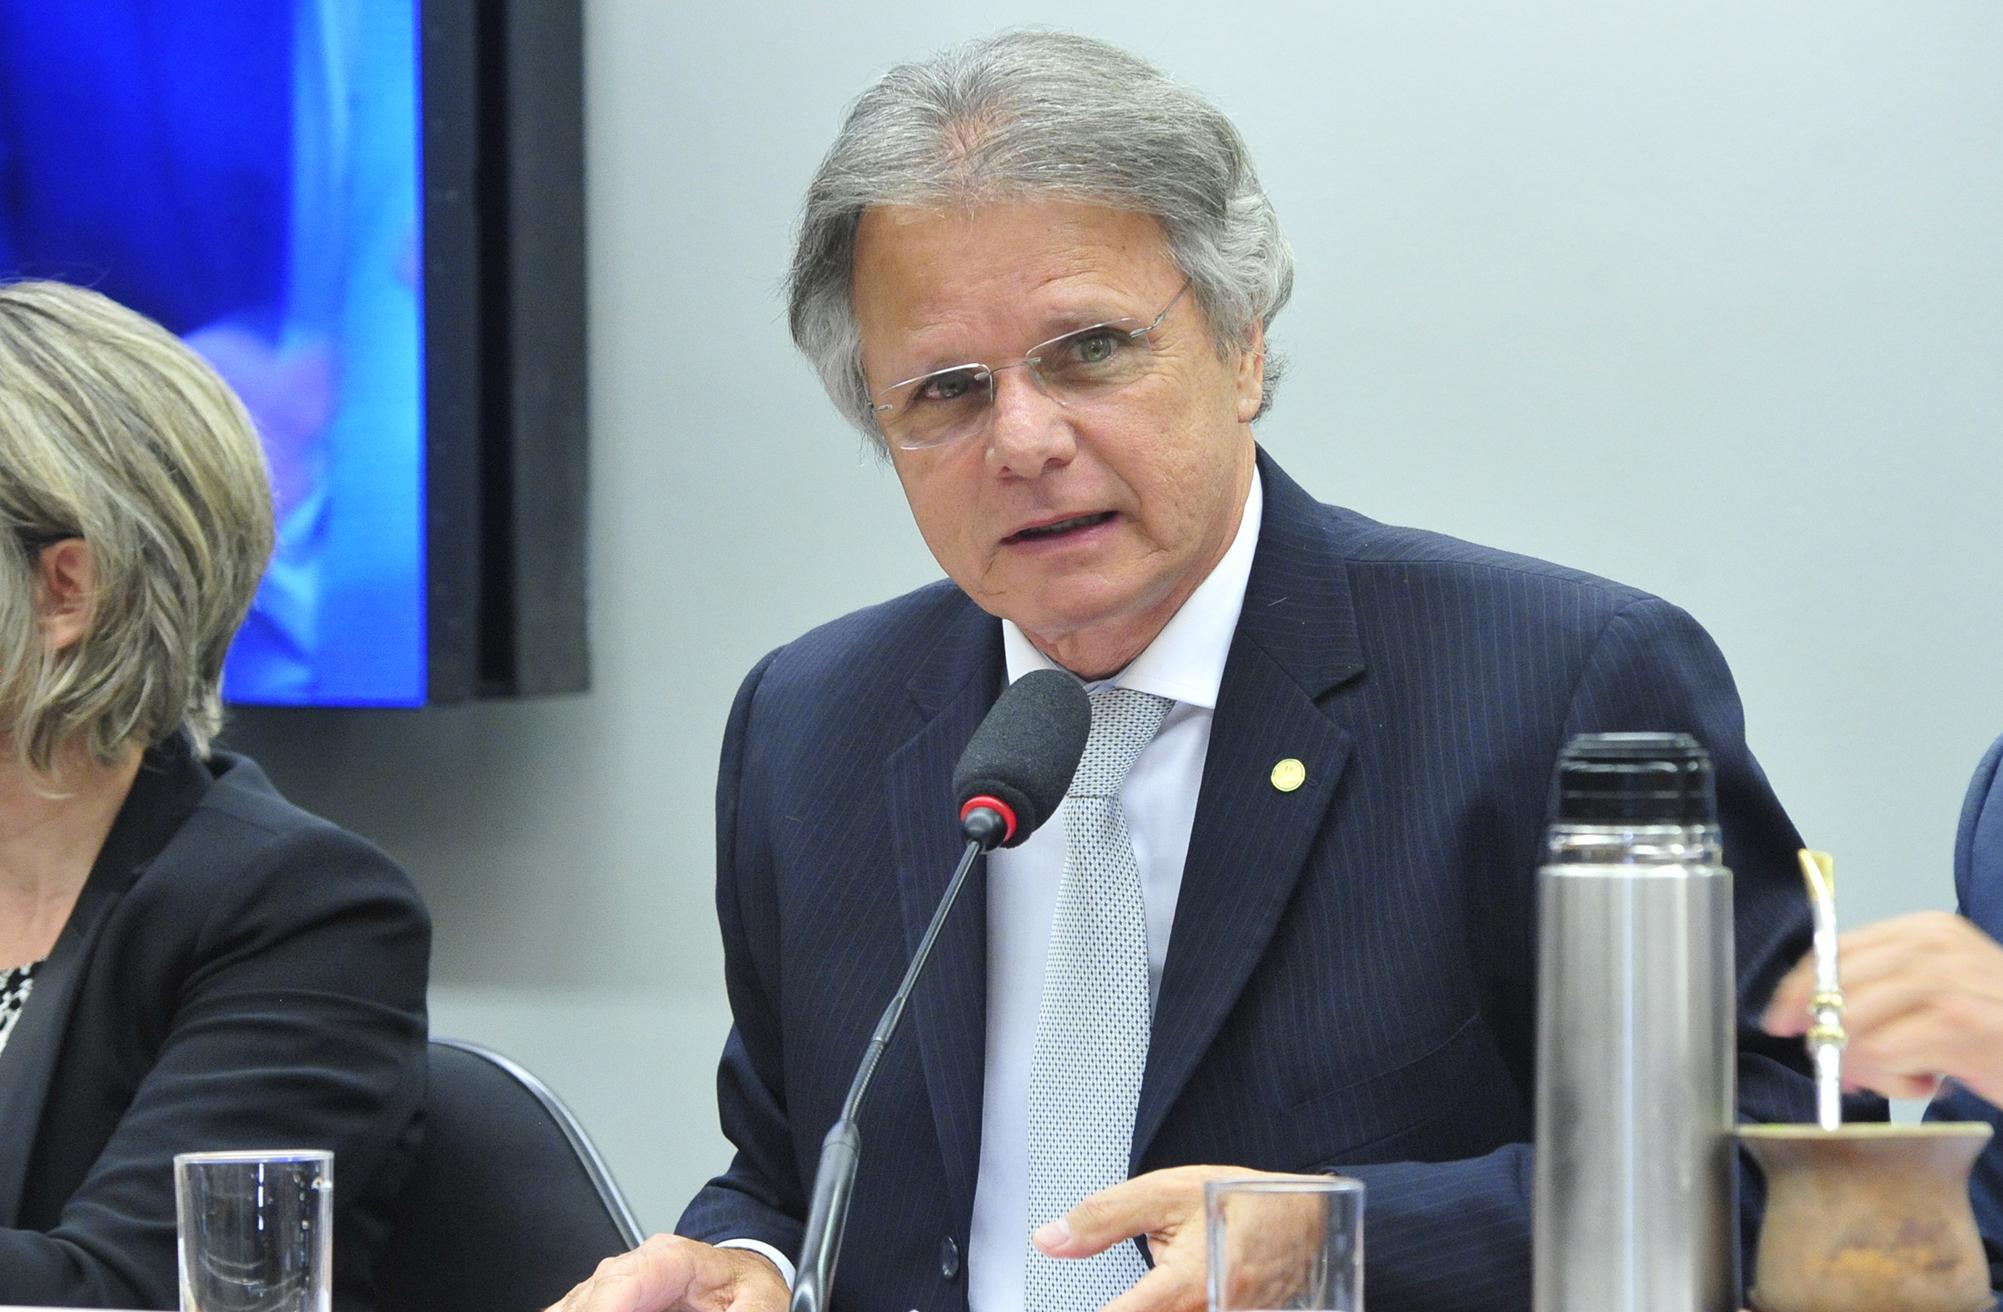 Audiência Pública. Dep. Vanderlei Macris (PSDB-MG)